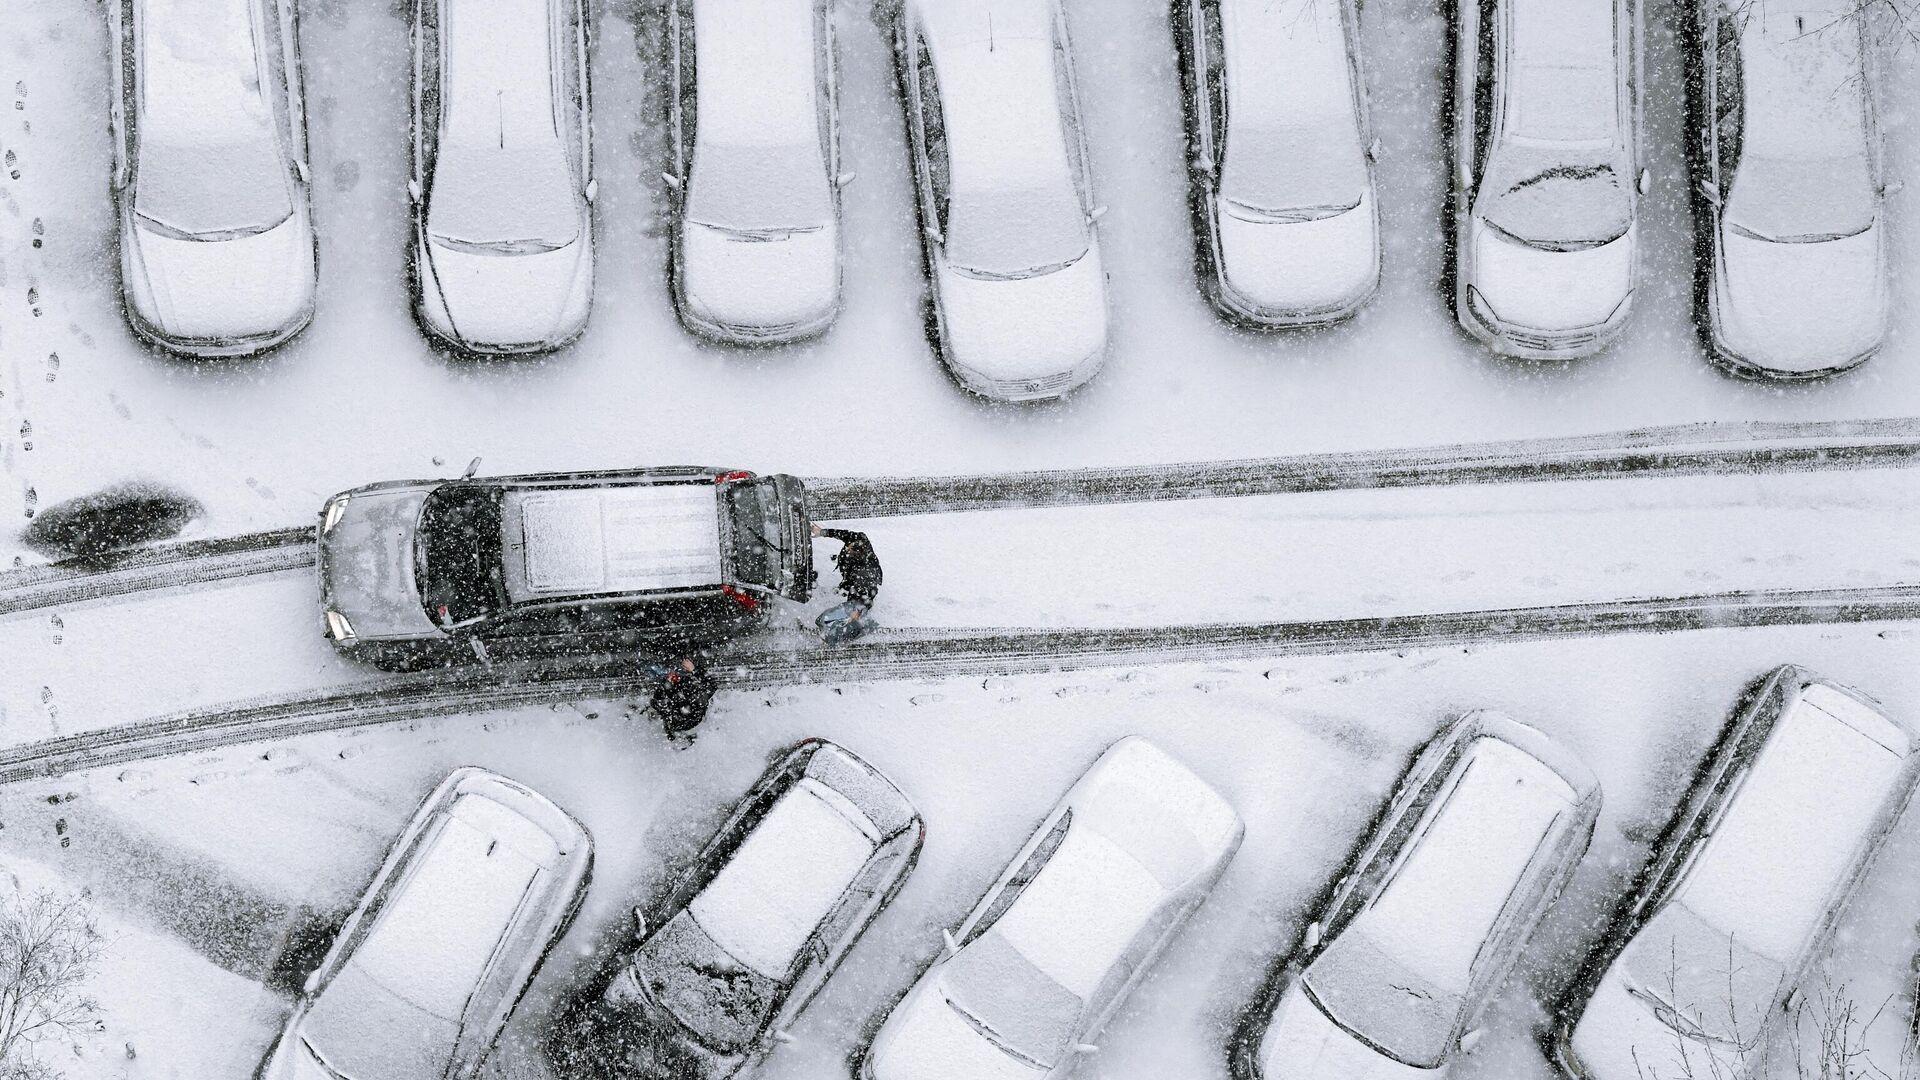 Автомобили, занесенные снегом, во дворе одного из жилых домов Москвы - РИА Новости, 1920, 27.01.2021